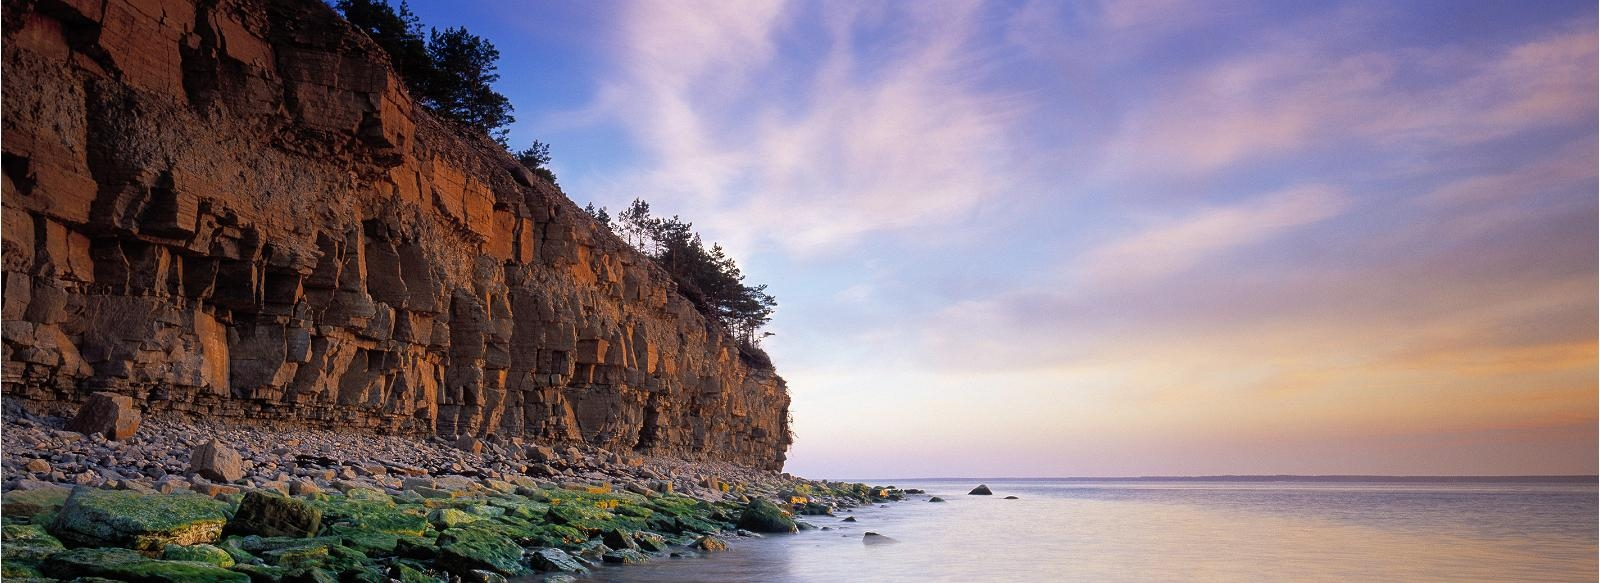 Очарование острова Сааремаа! - Эстония - из Даугавпилса - Для ...